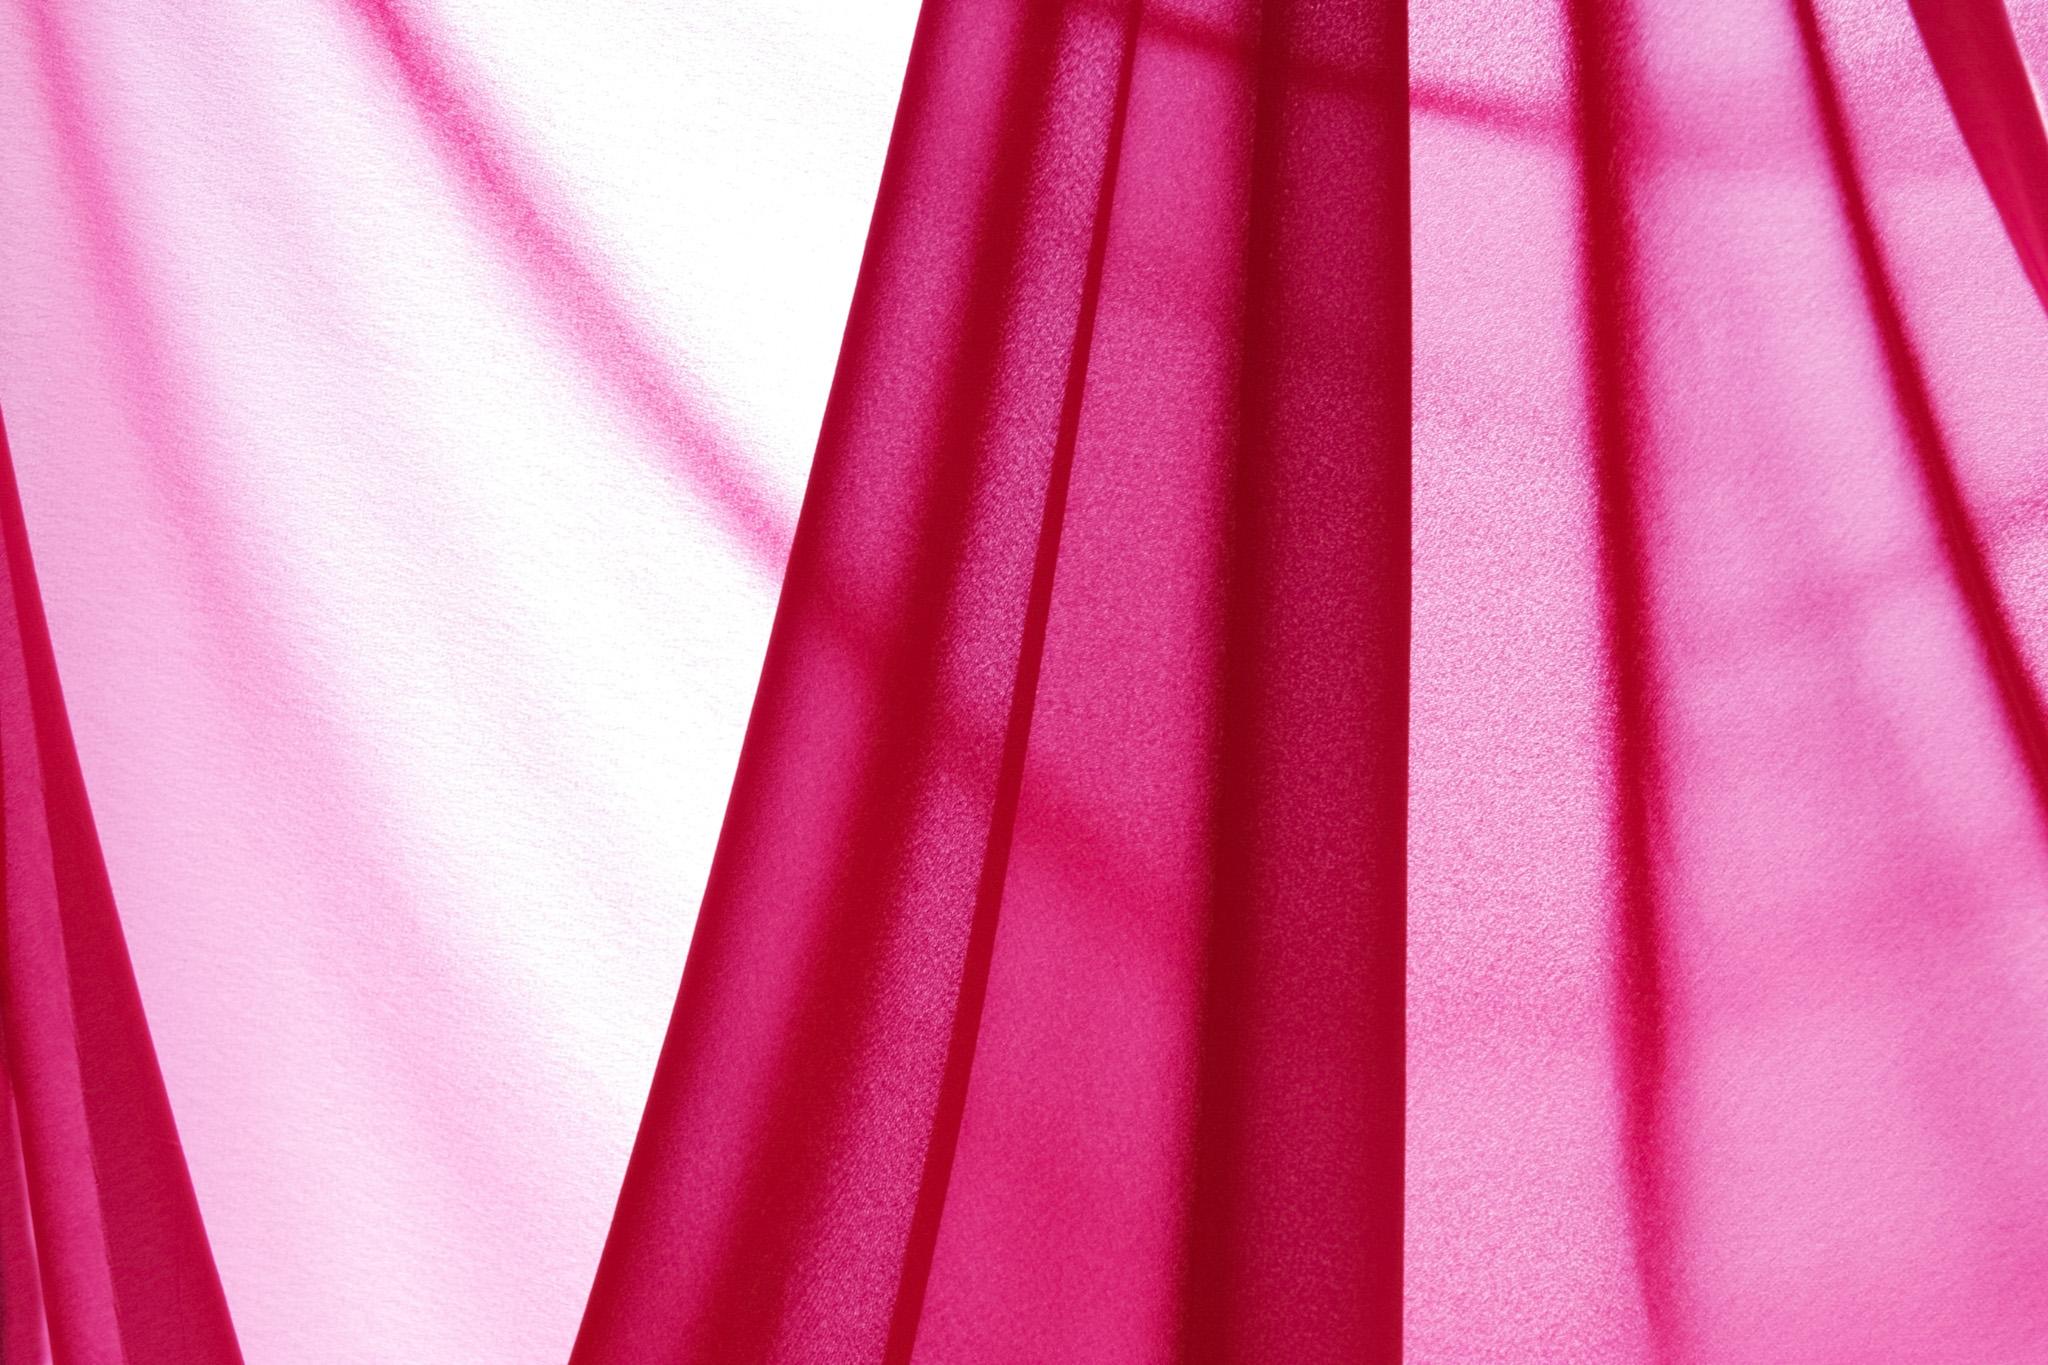 「薄いピンク色の布地」の素材を無料ダウンロード